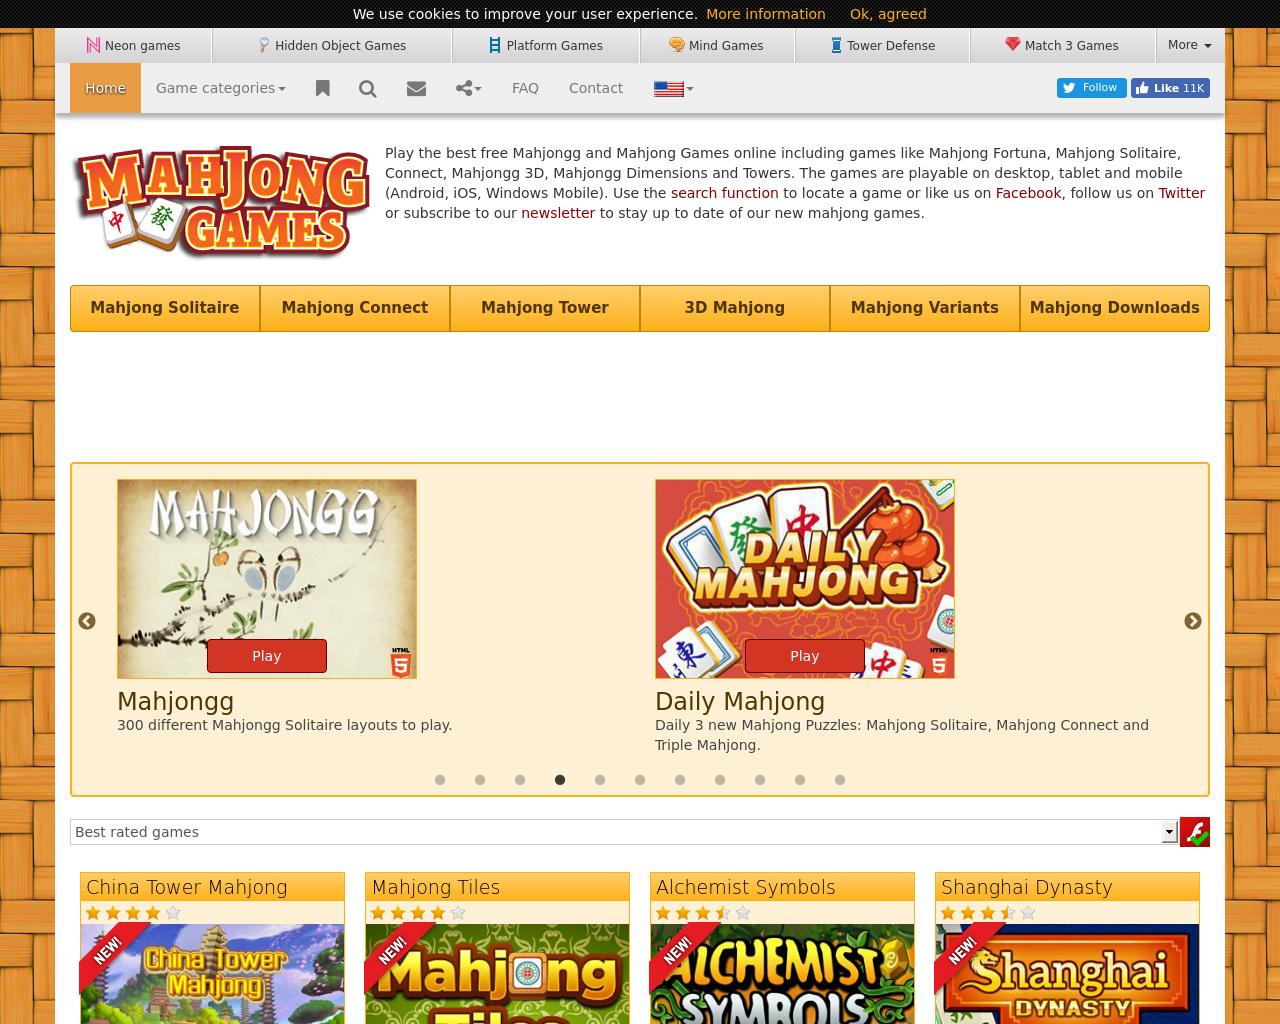 Mahjong-Games-Advertising-Reviews-Pricing